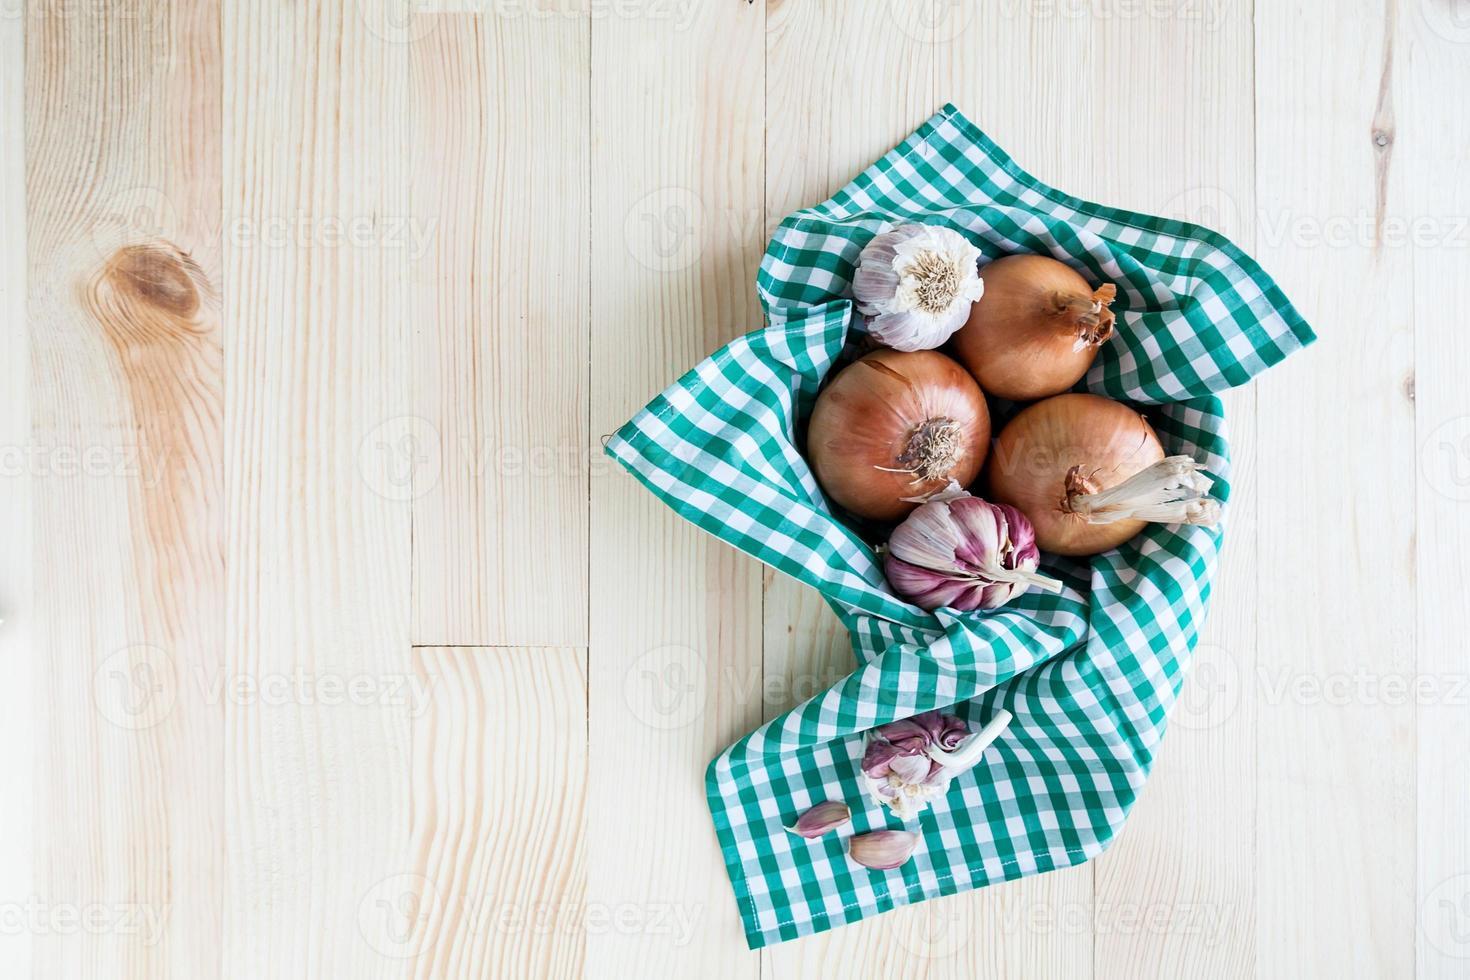 Zusammensetzung von Zwiebeln und Knoblauch im Korb auf Holztisch foto